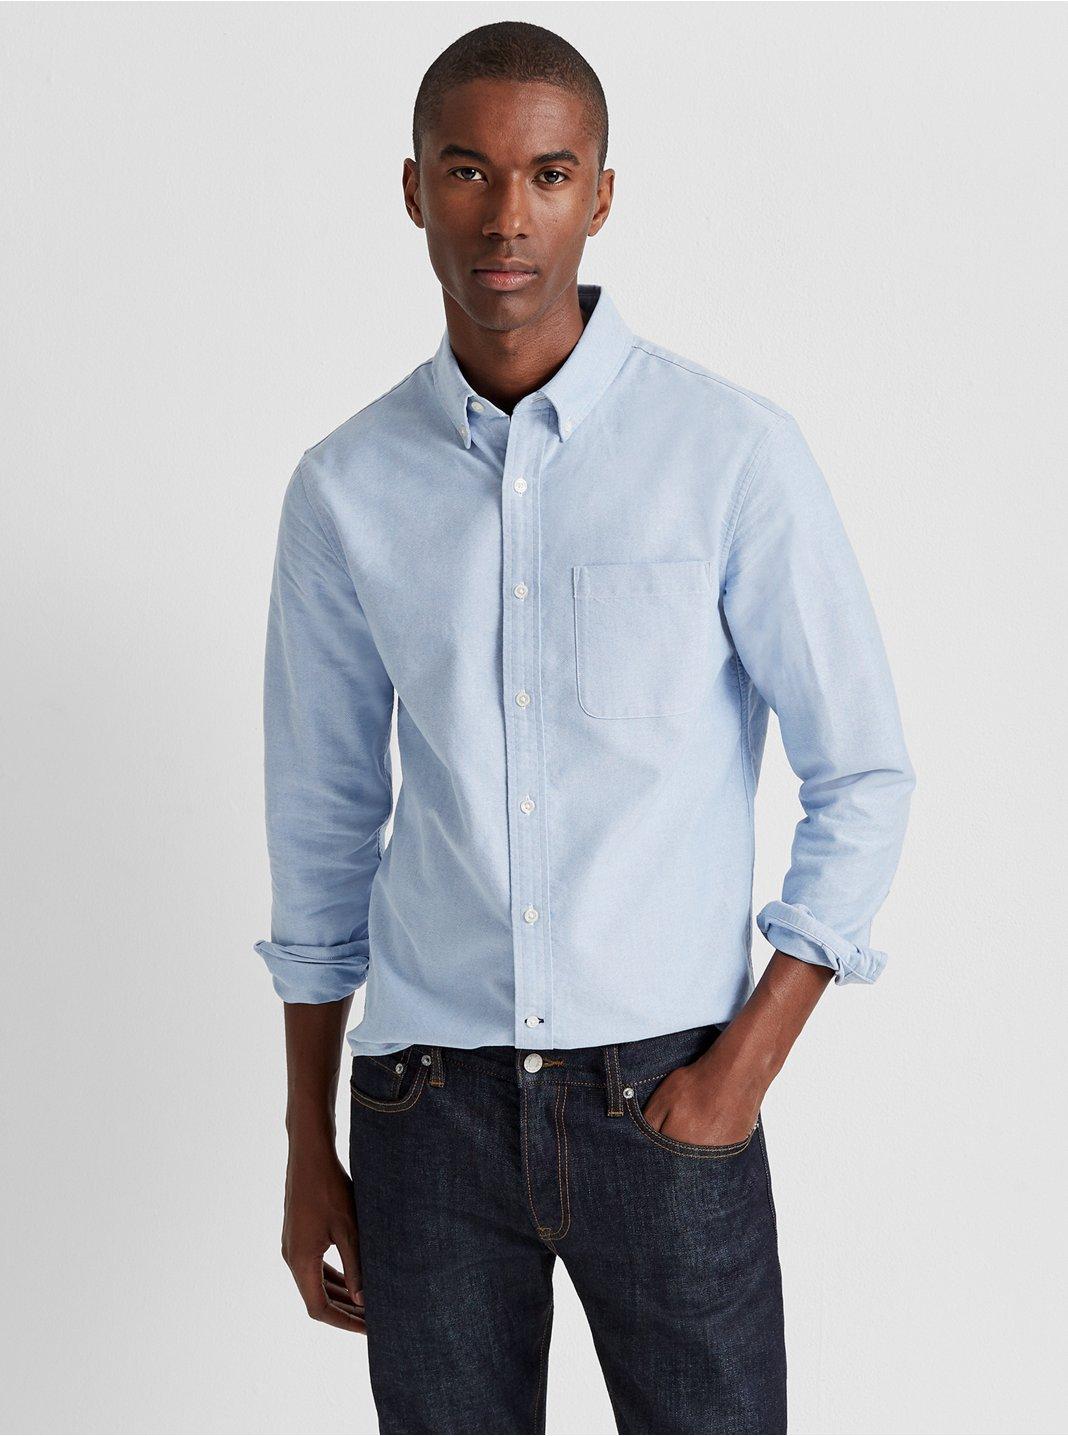 클럽 모나코 맨 옥스포드 셔츠 Club Monaco Standard Fit Oxford Shirt